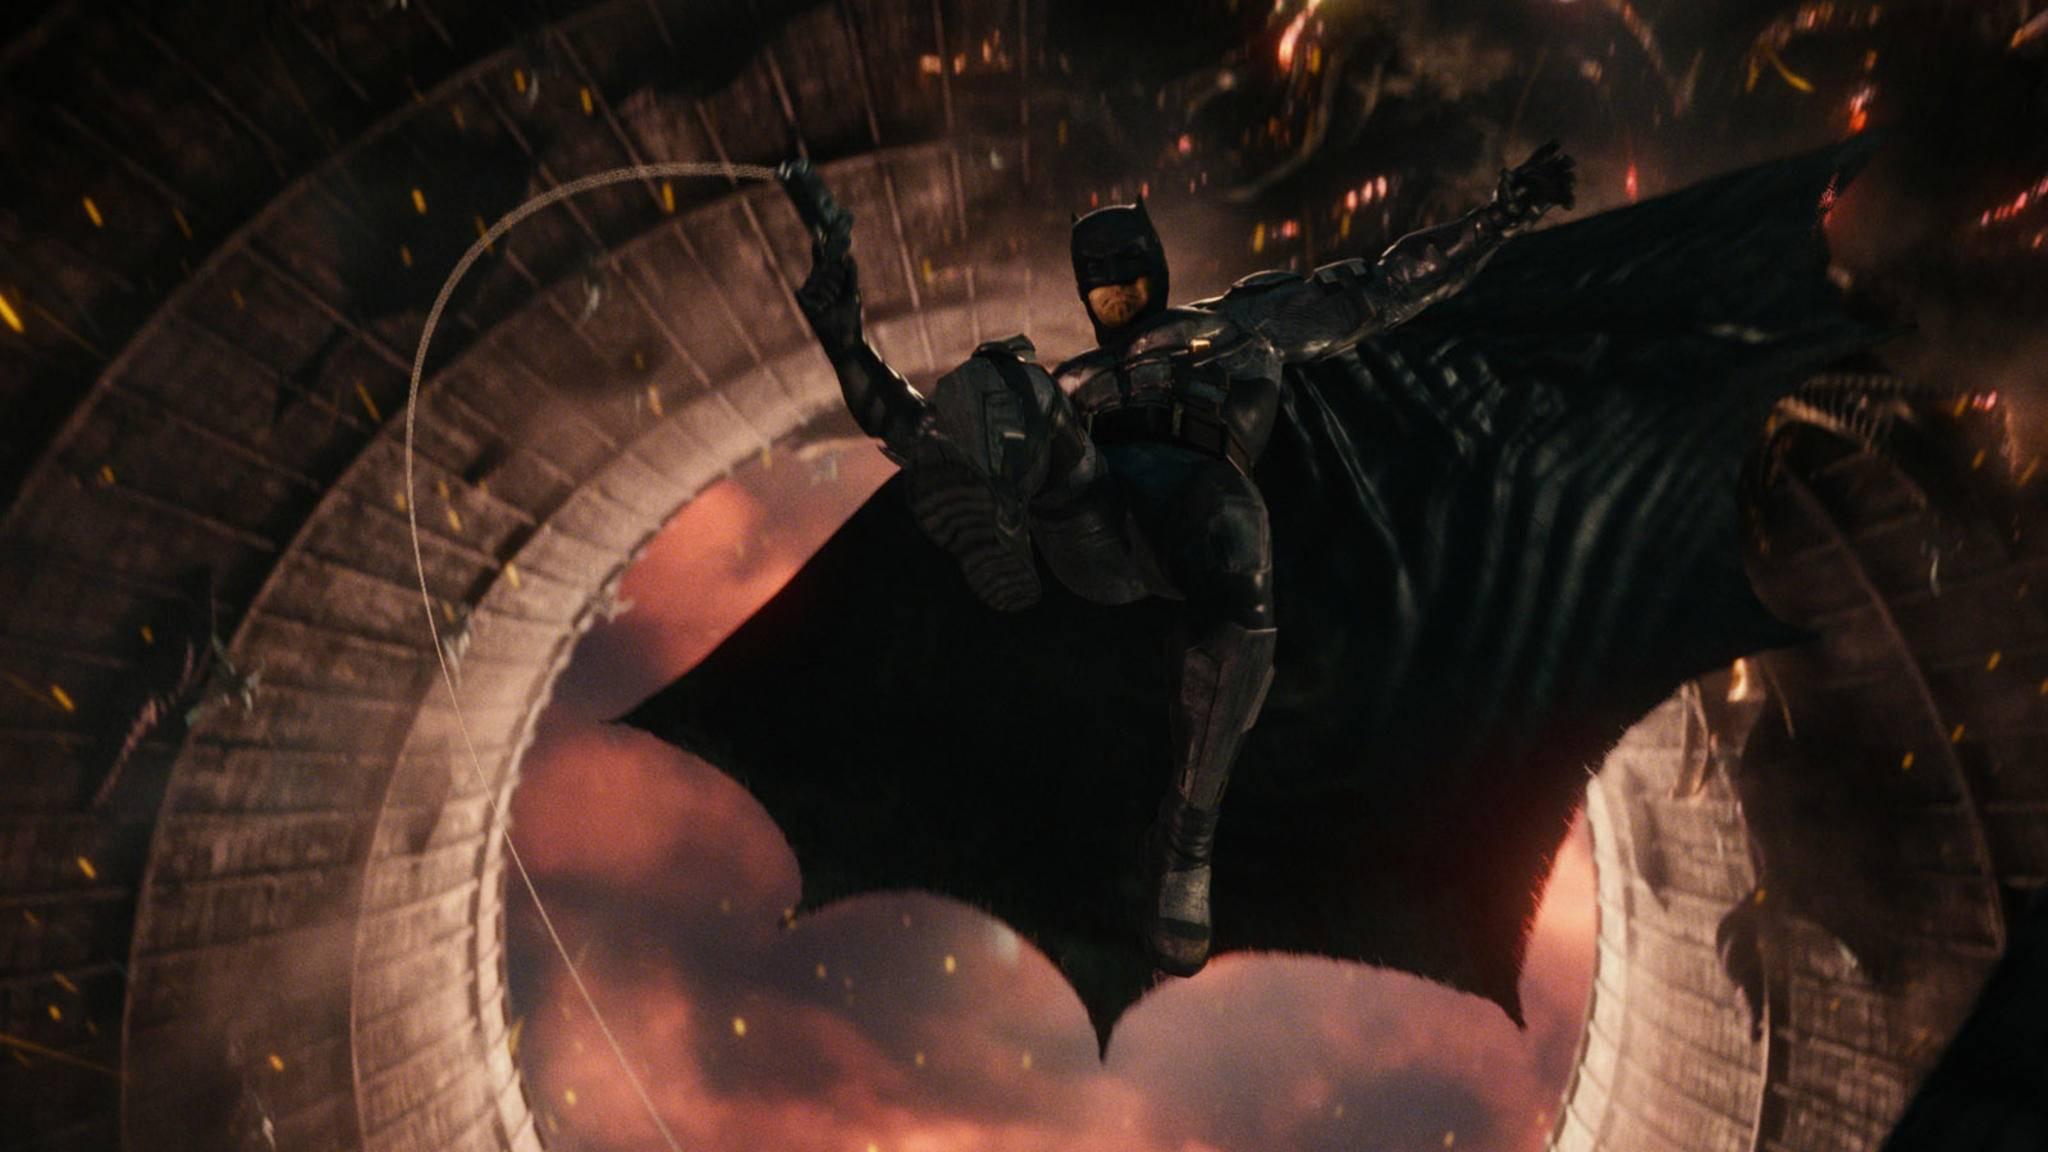 Wer wird wohl der neue Batman?